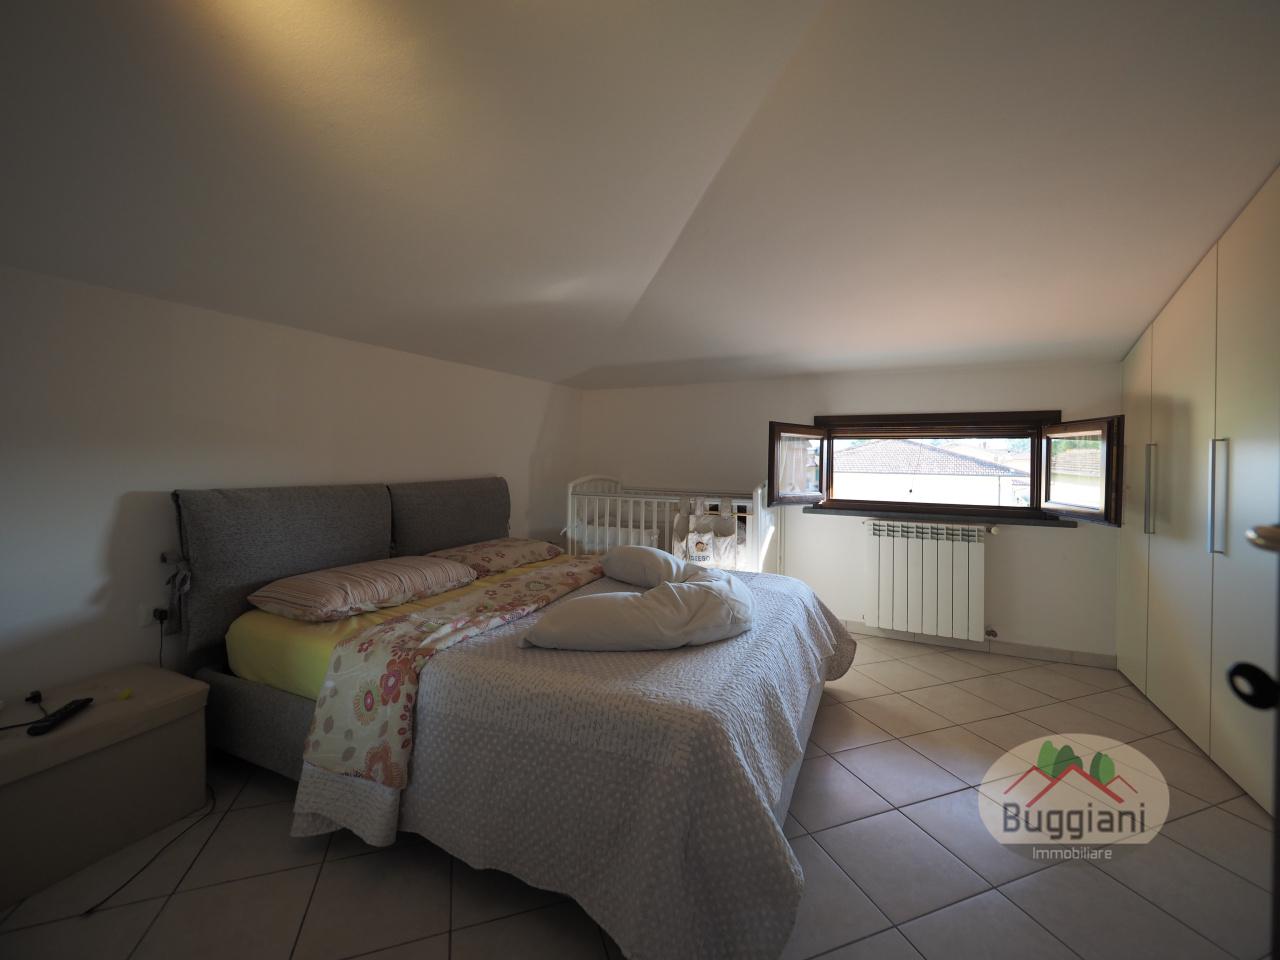 Appartamento in vendita RIF. 1797, San Miniato (PI)